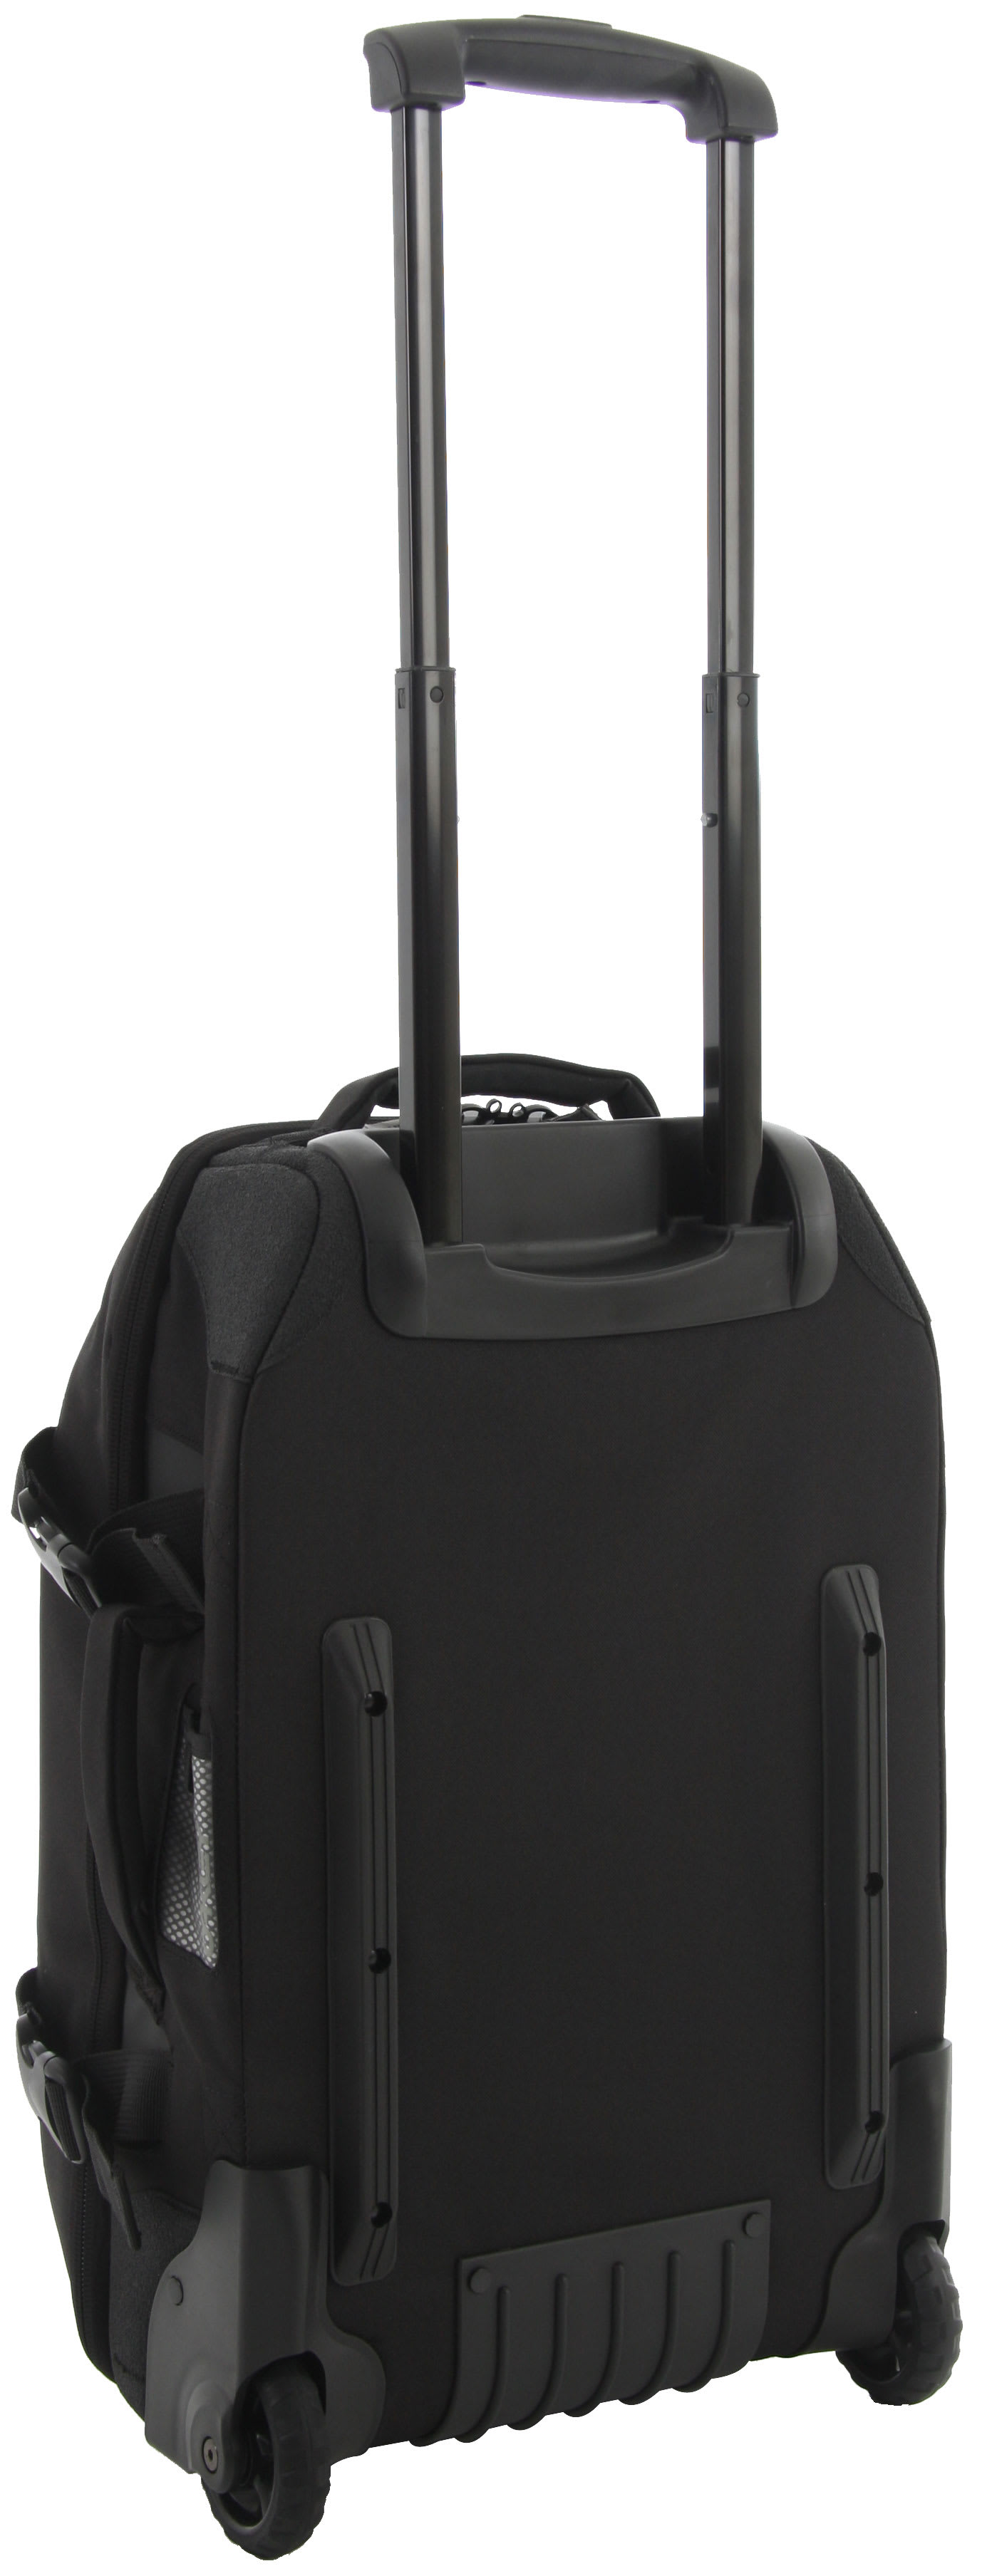 1678877216 Oakley Luggage